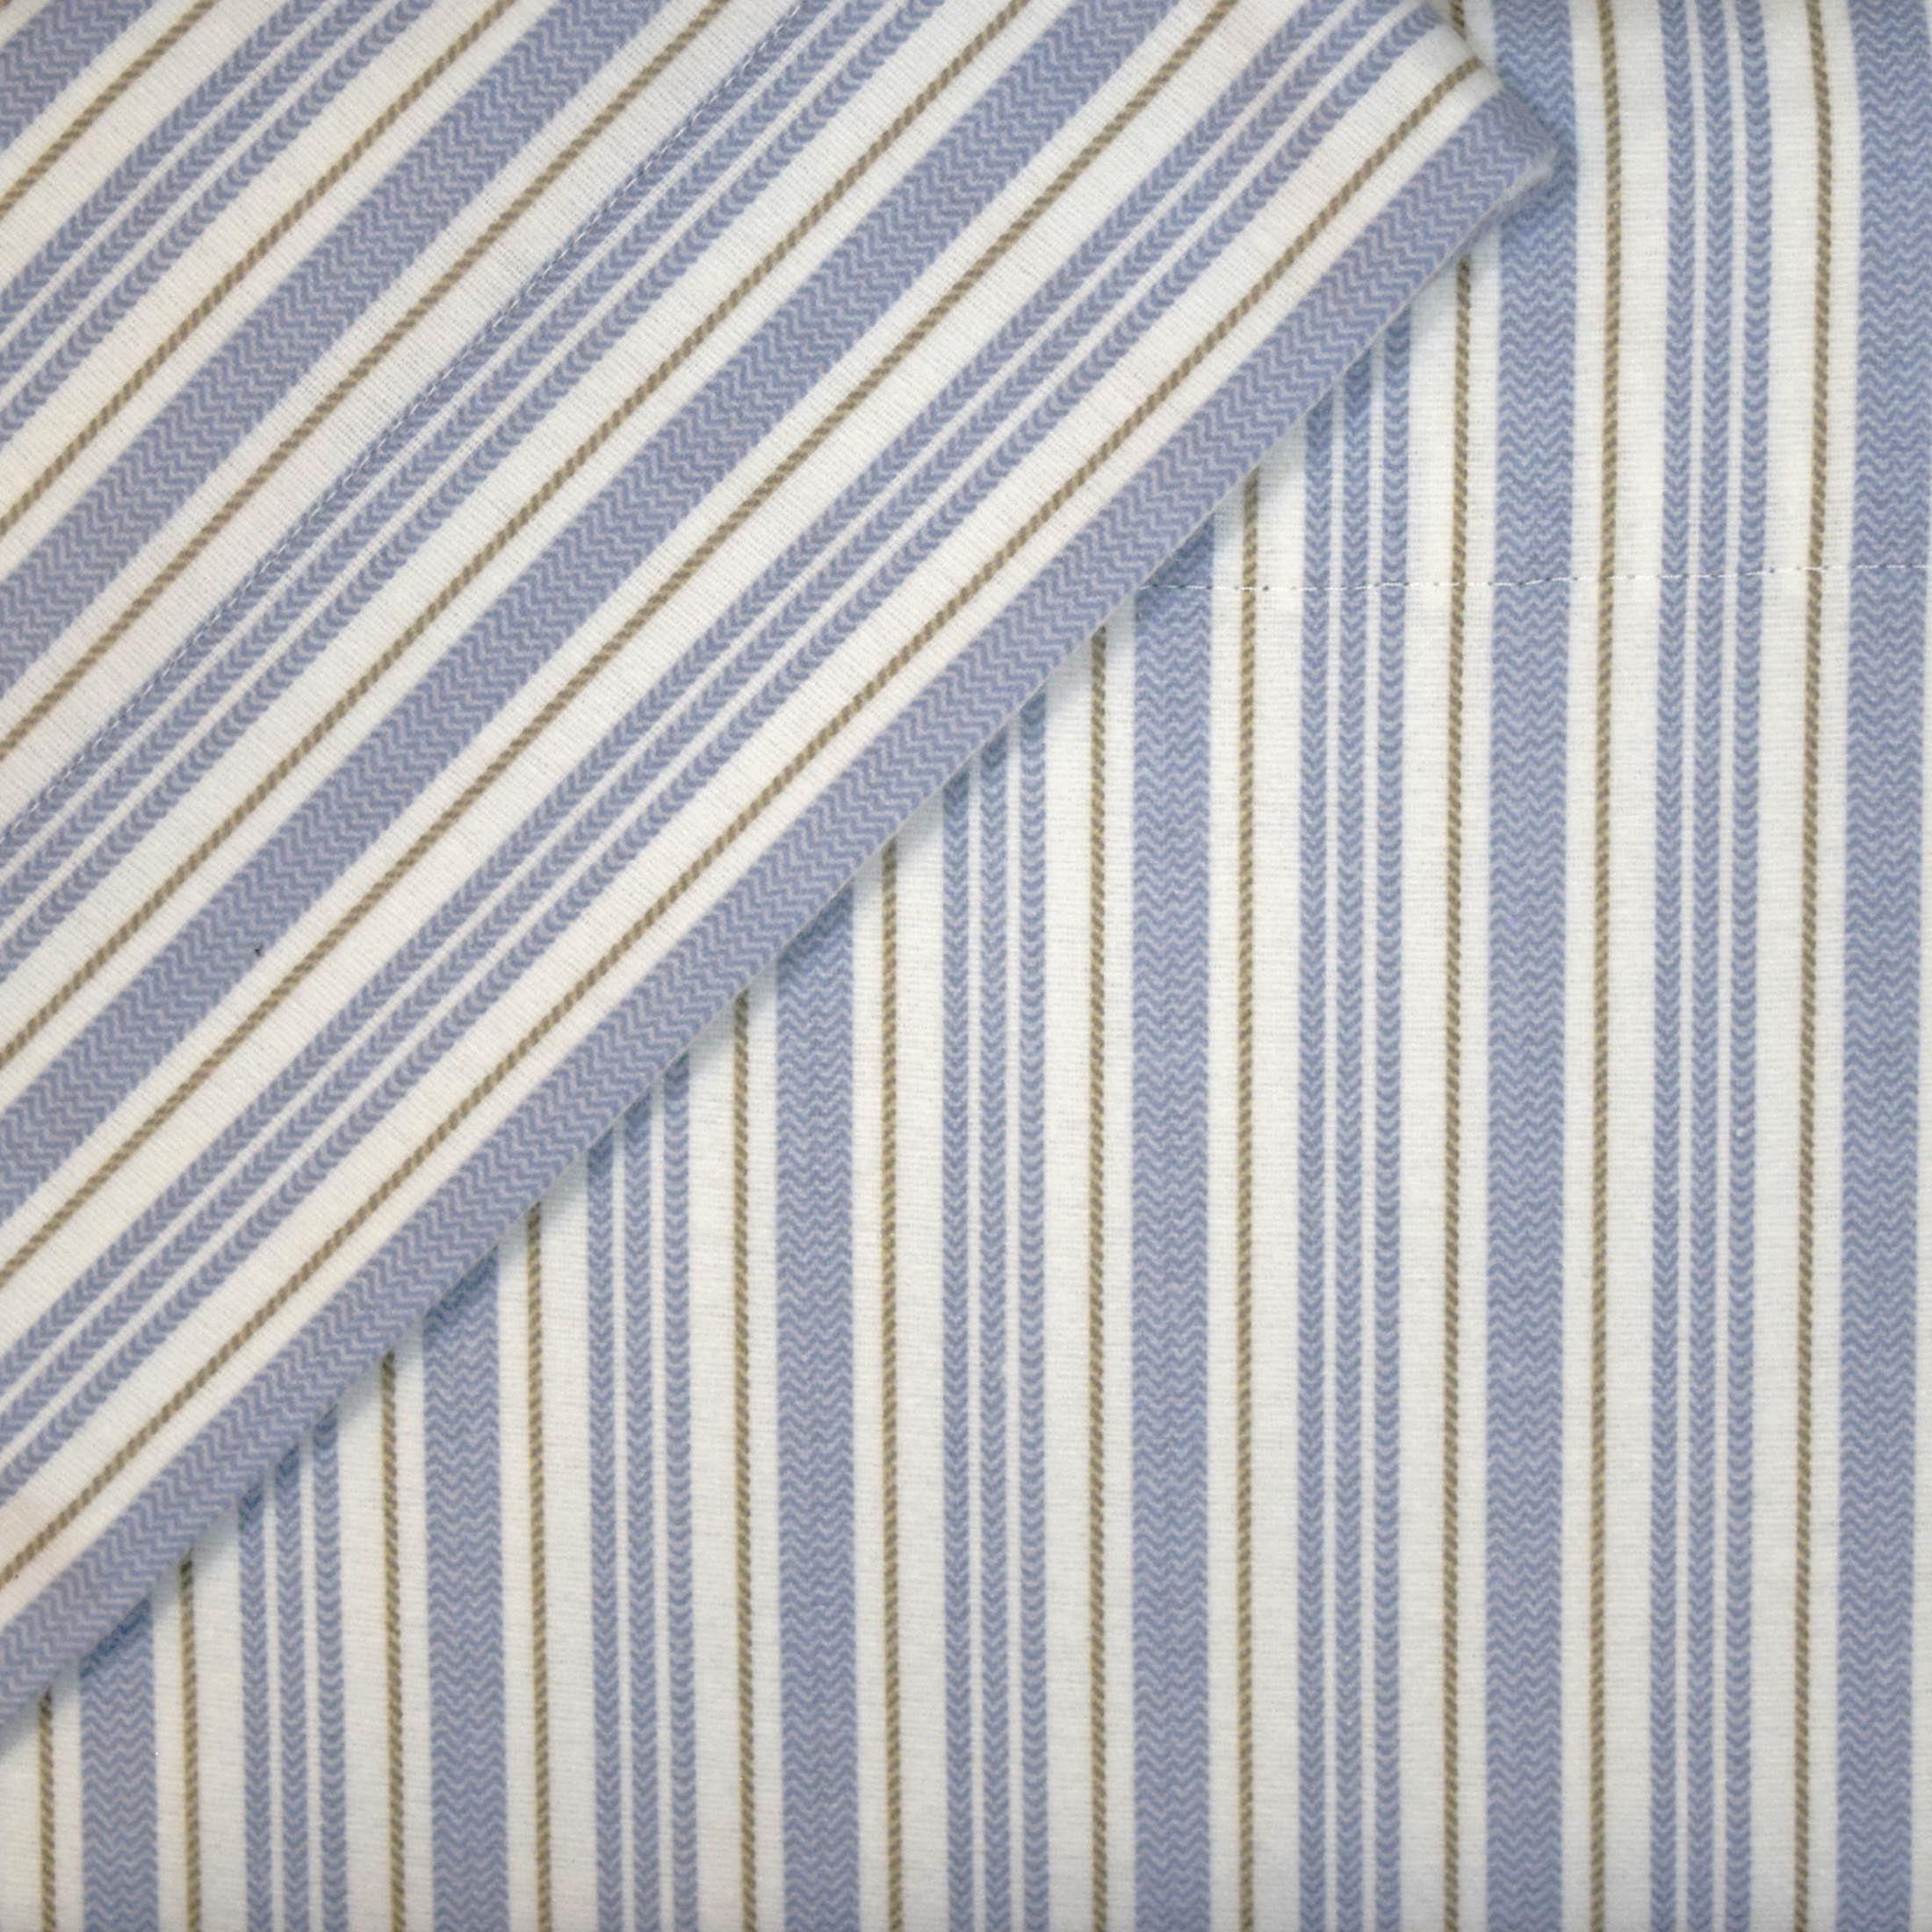 Cuddl Duds Queen Flannel Sheet Set 4 Piece 100 Cotton Deep Pocket Heavyweight Bed Sheets Blue Stripe Walmart Com Walmart Com